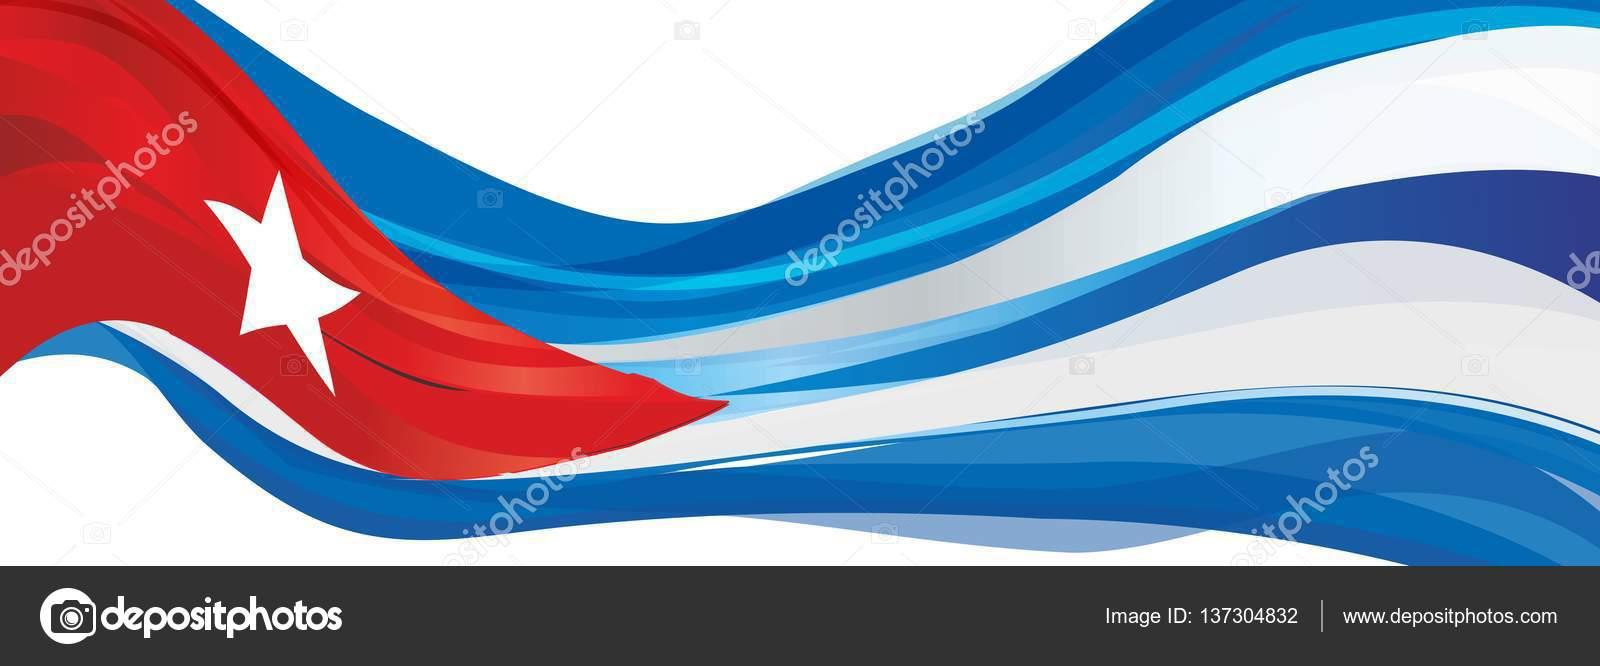 Banderas rojo azul y blanco